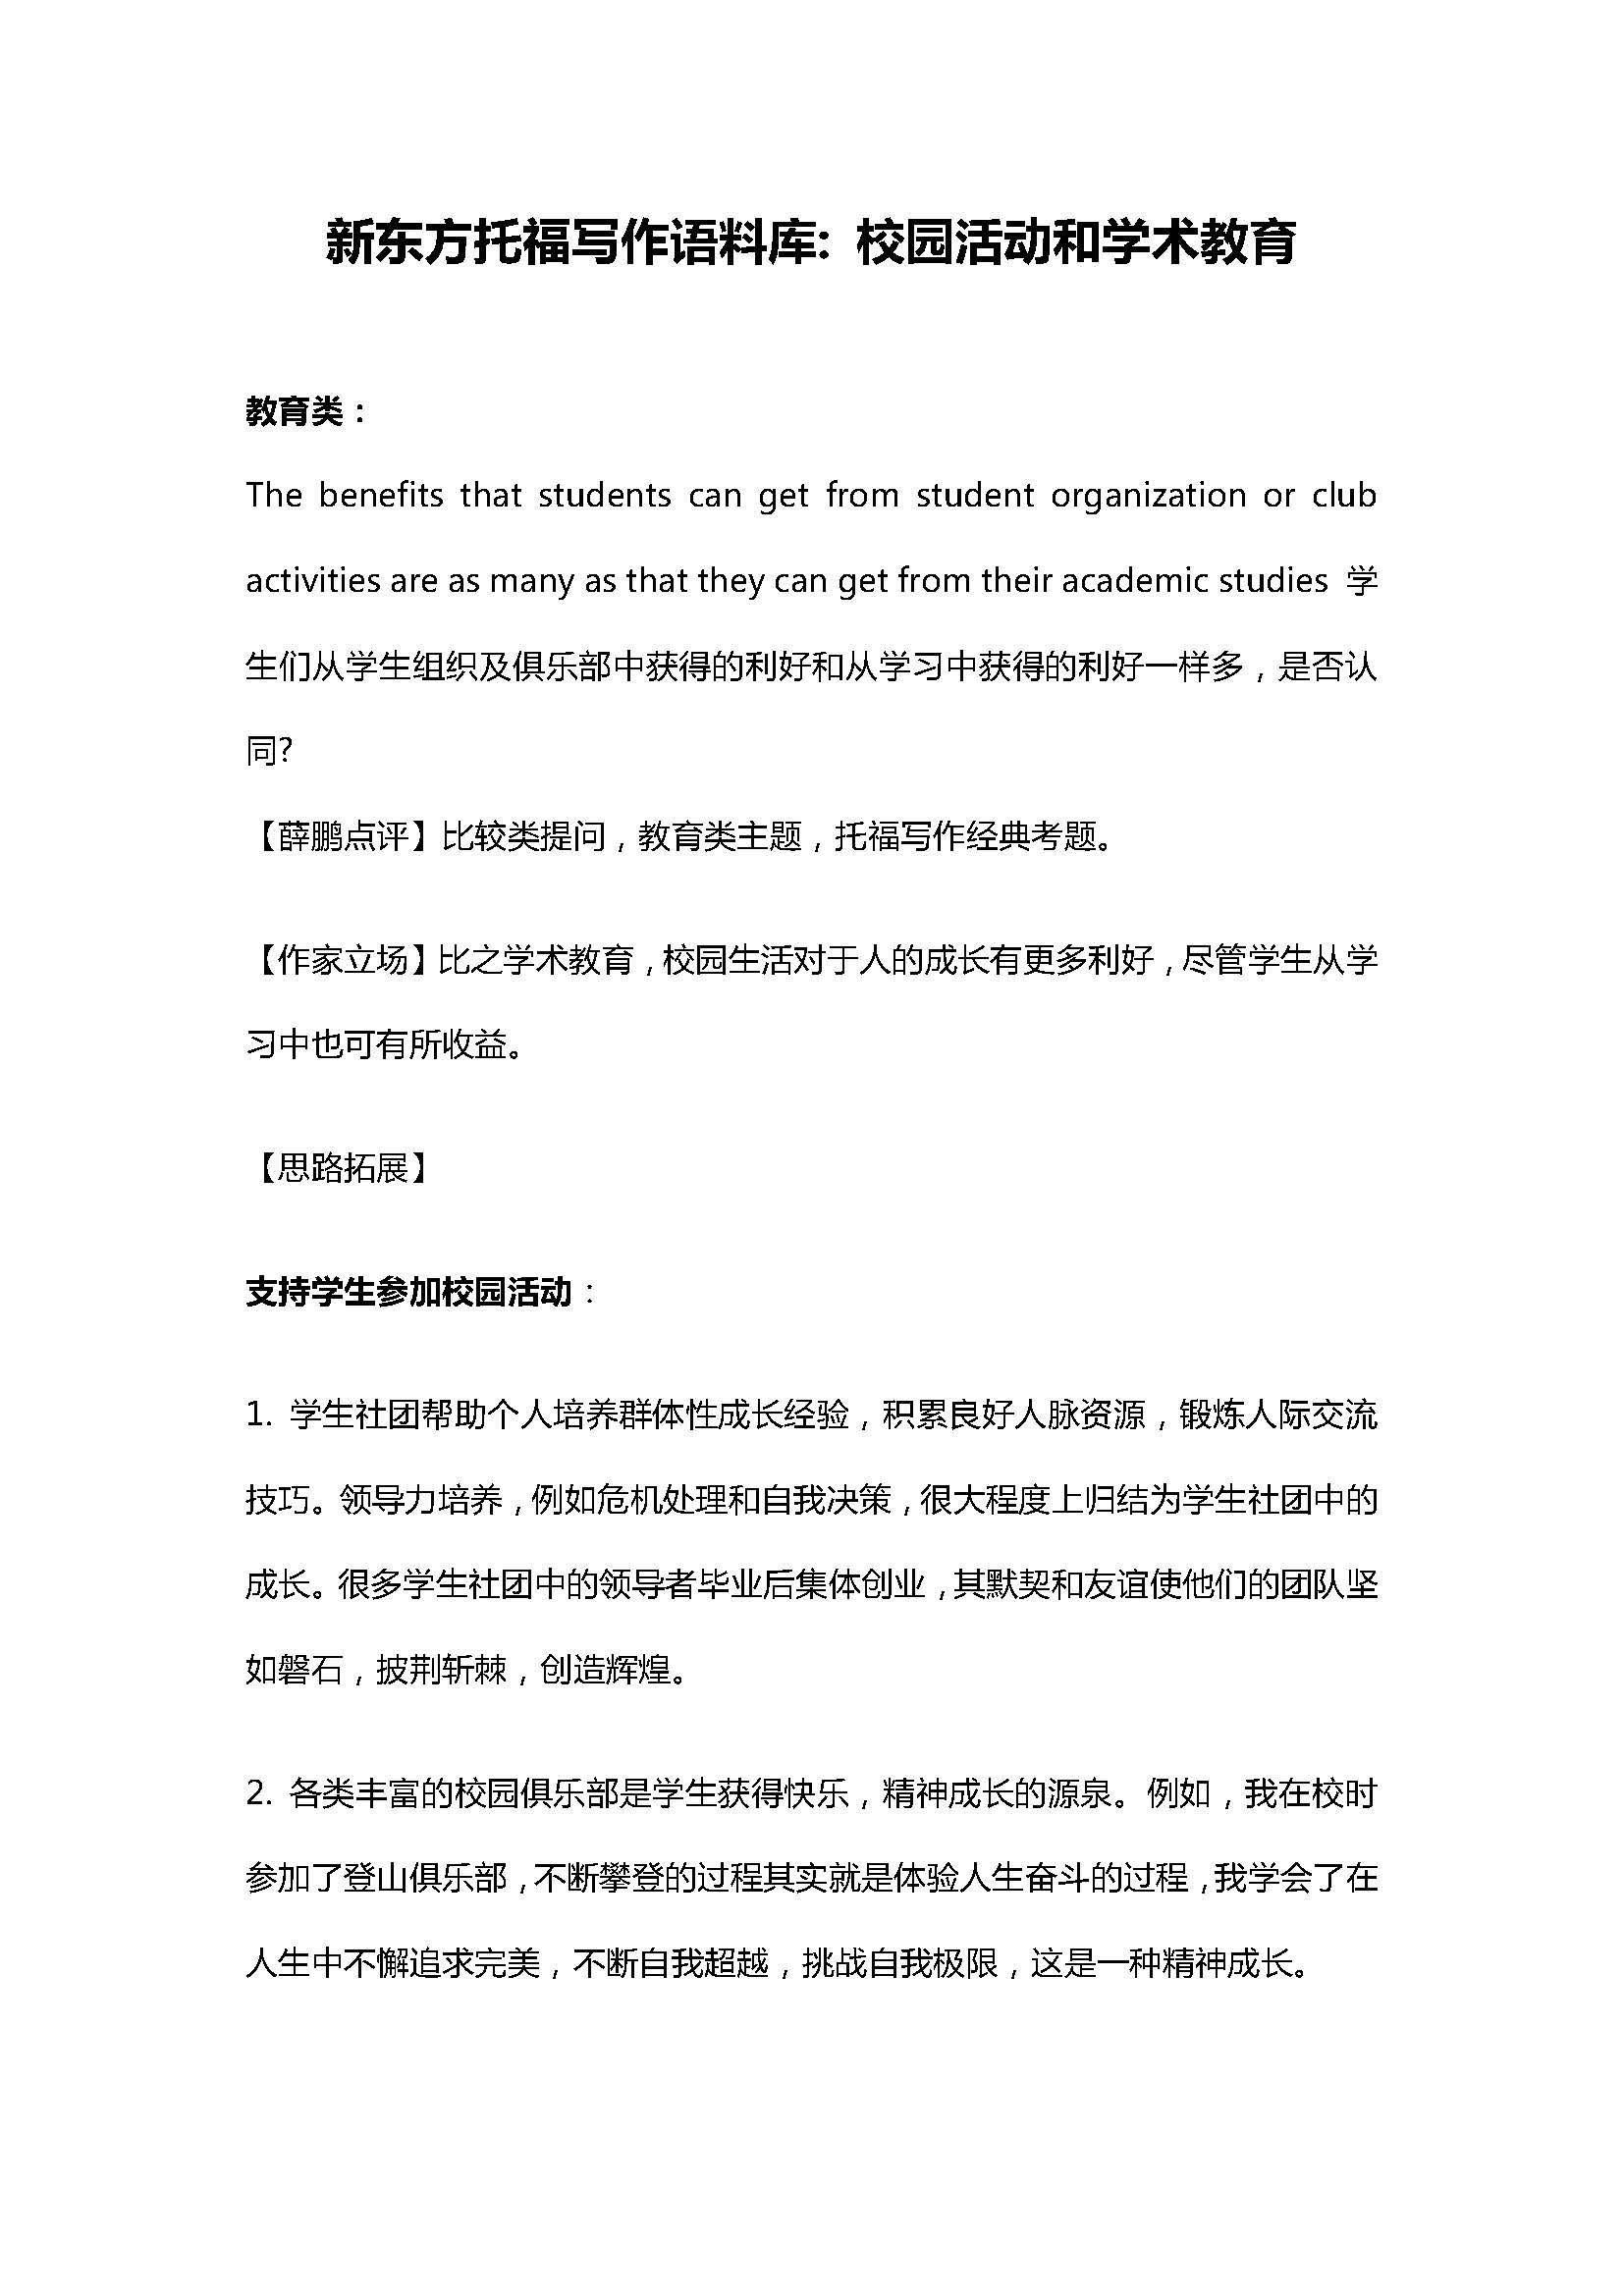 新东方托福写作语料库: 校园活动和学术教育